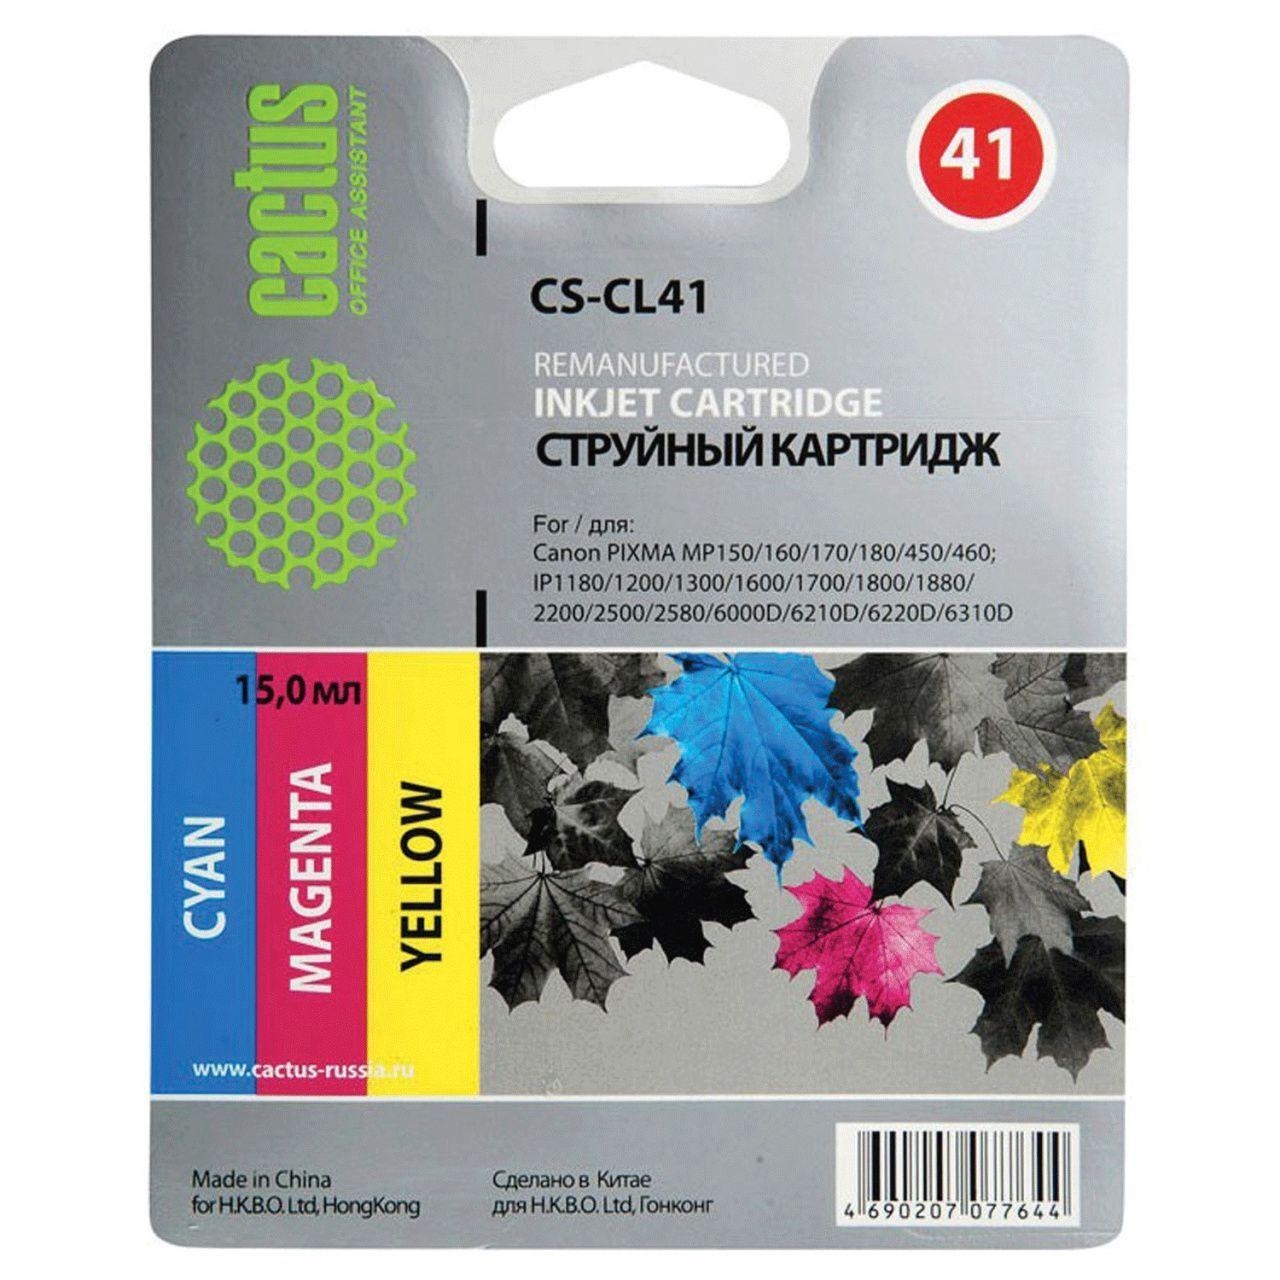 Тонер-картридж Cactus (CS-CL41), черный, для струйного принтера, совместимый